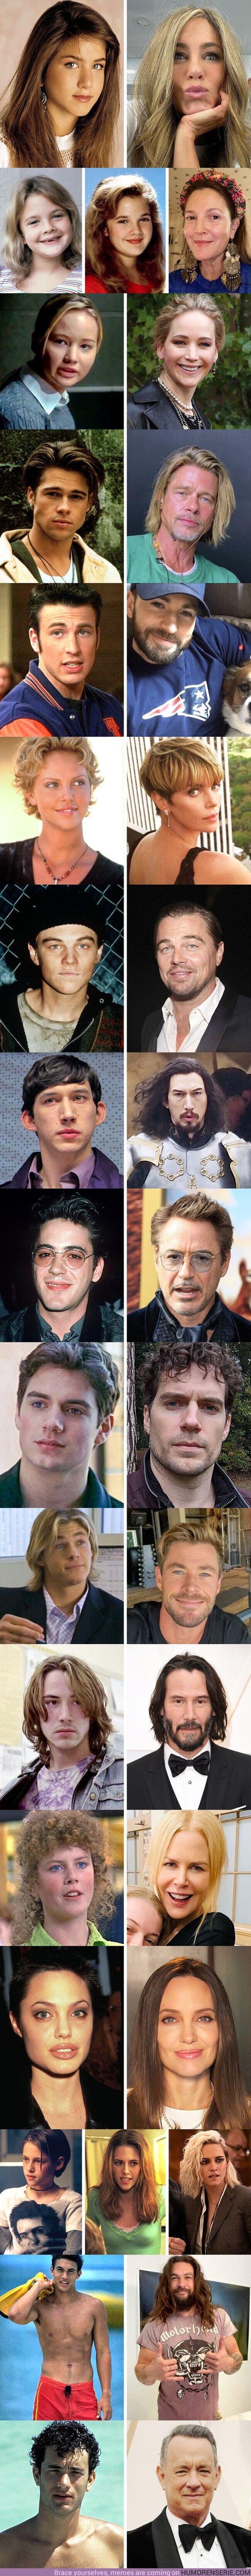 67670 - GALERÍA: Comparamos fotos de 17 actores cuando empezaron su carrera y cómo lucen hoy